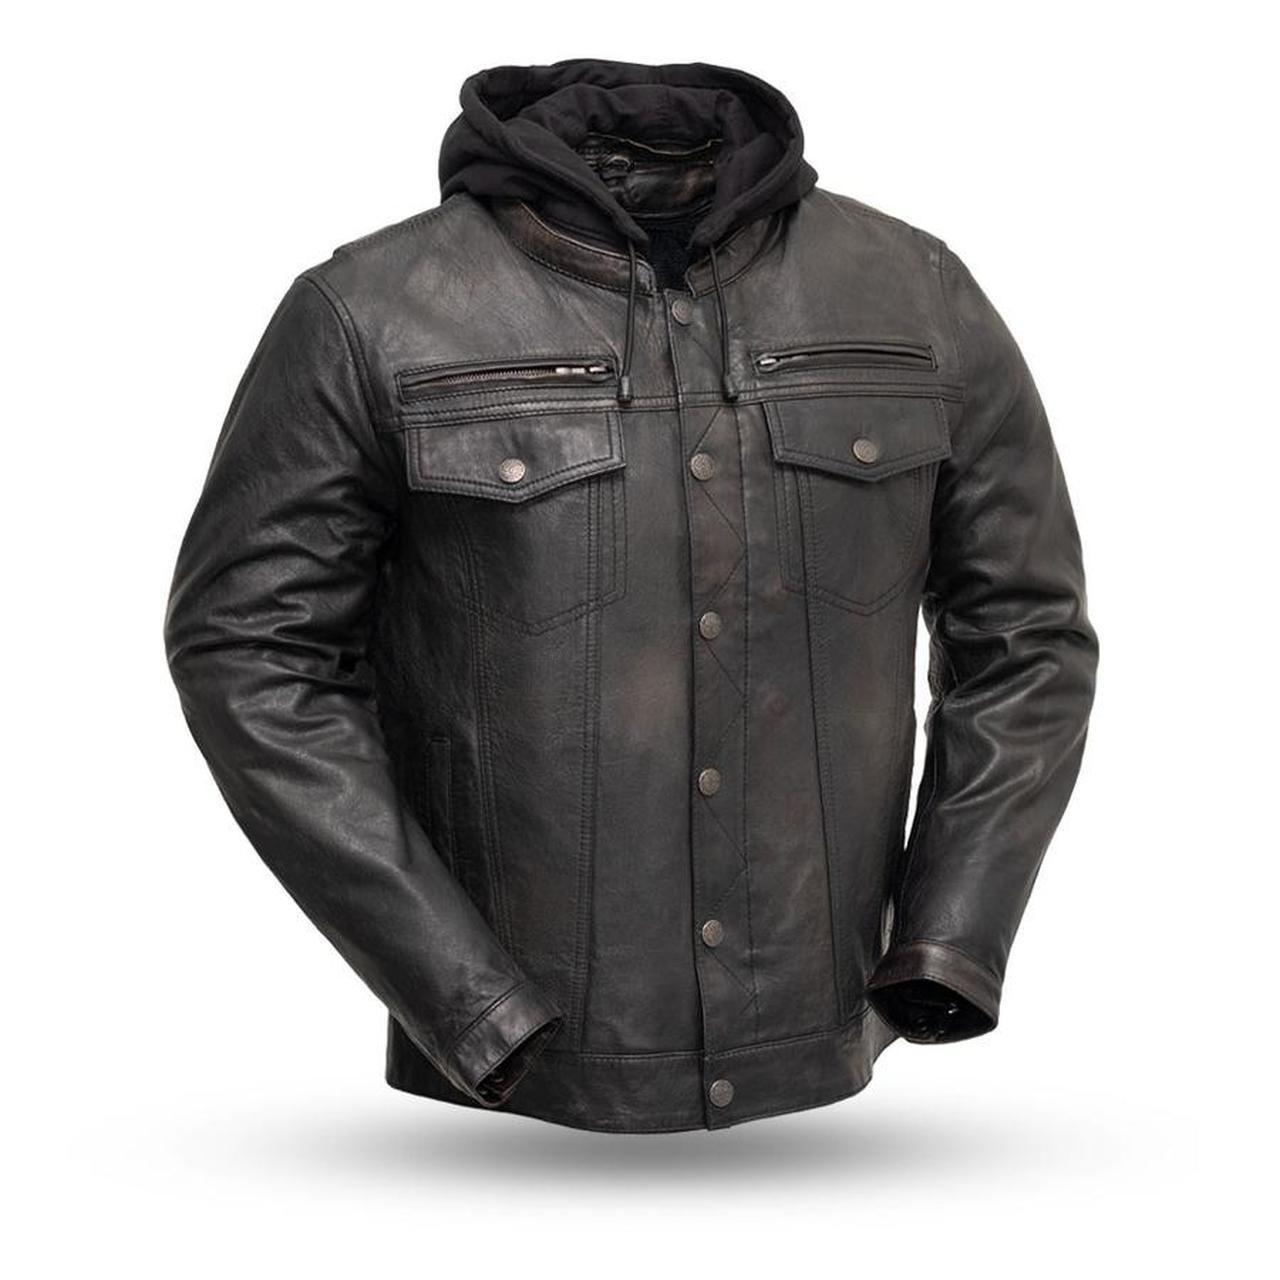 Veste en cuir pour homme First MFG avec sweat à capuche FIM276SDTZ (VENDETTA) – 2XL   – Products